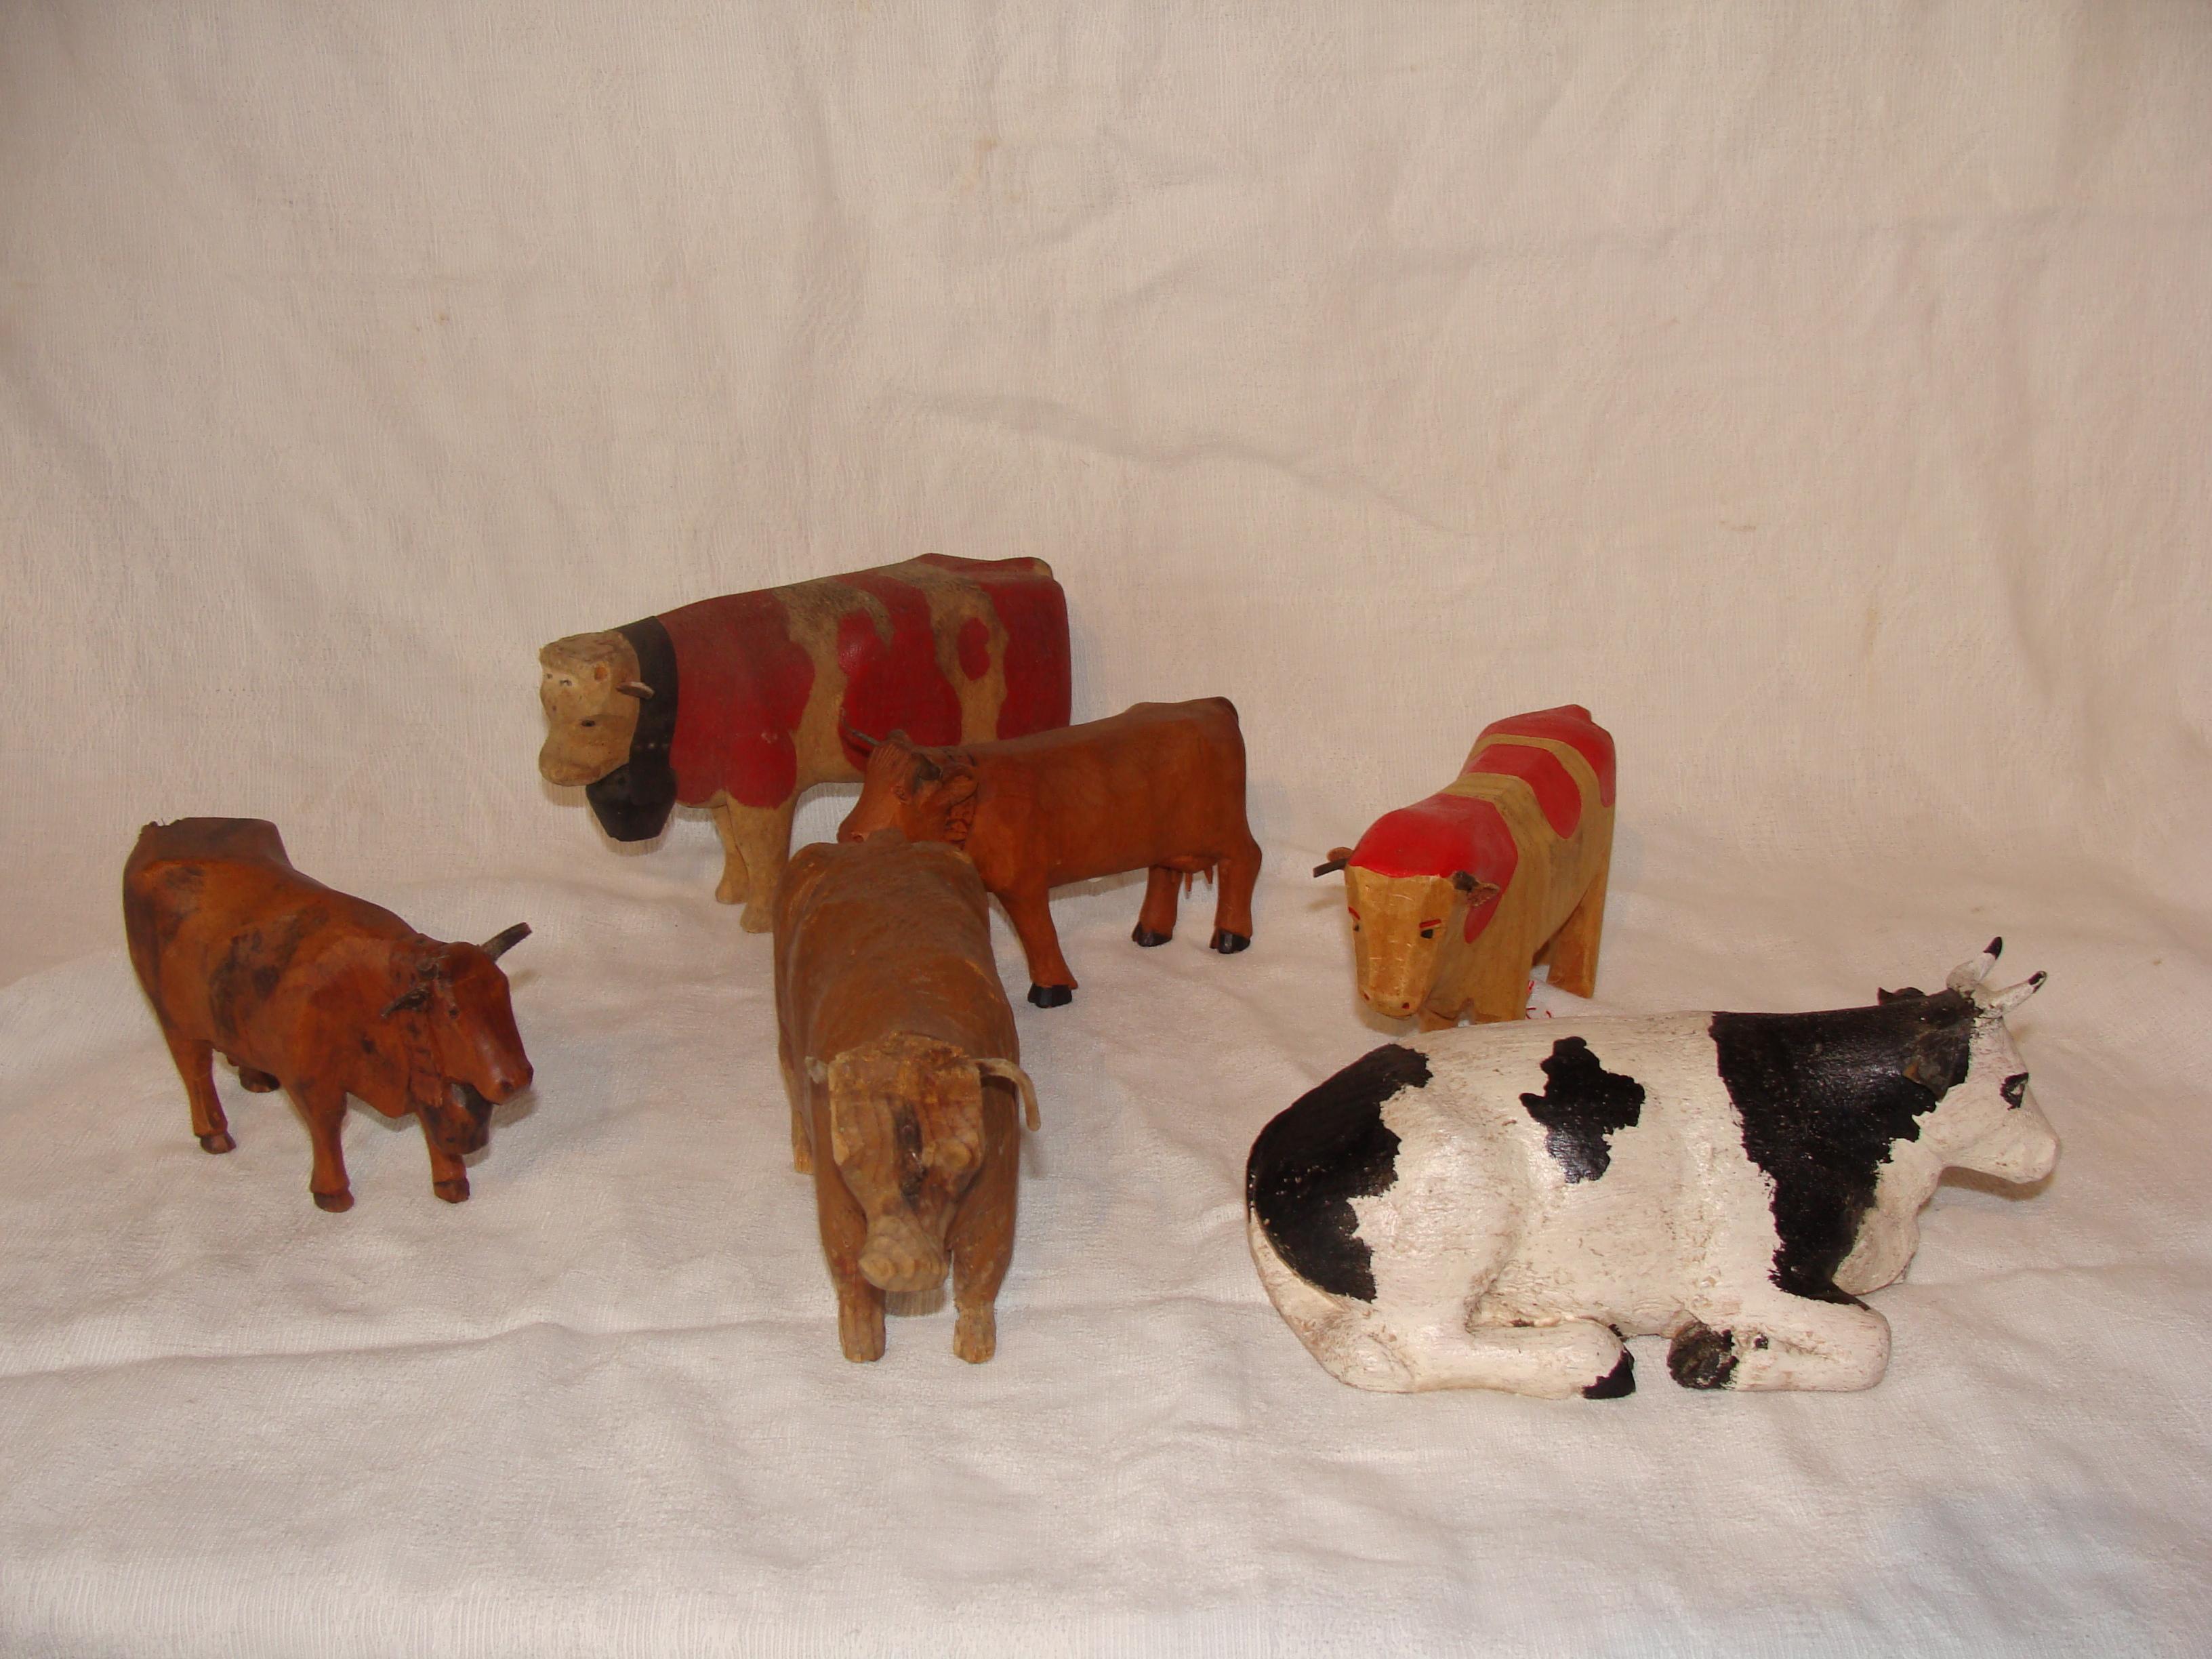 Divers vaches en bois